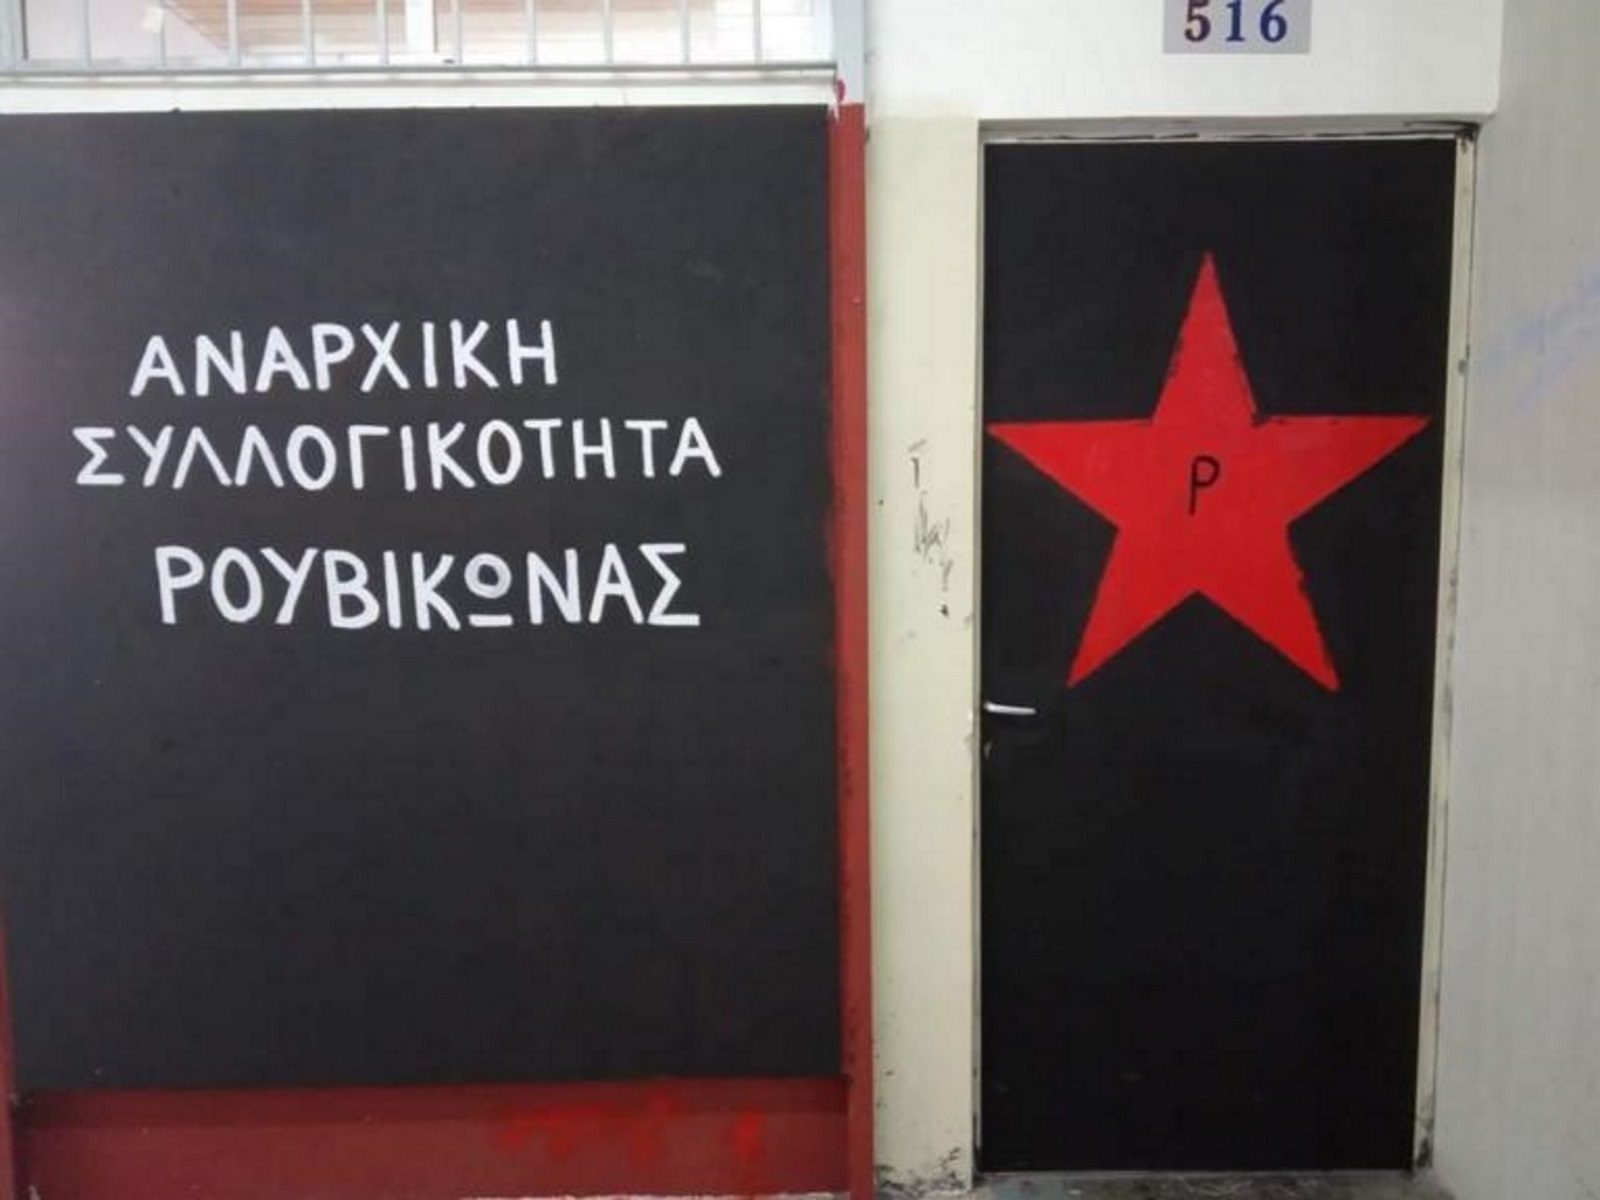 """Ρουβίκωνας: """"Επισκέφθηκε"""" τα εγκληματολογικά εργαστήρια της αστυνομίας για τις διαδηλώσεις"""